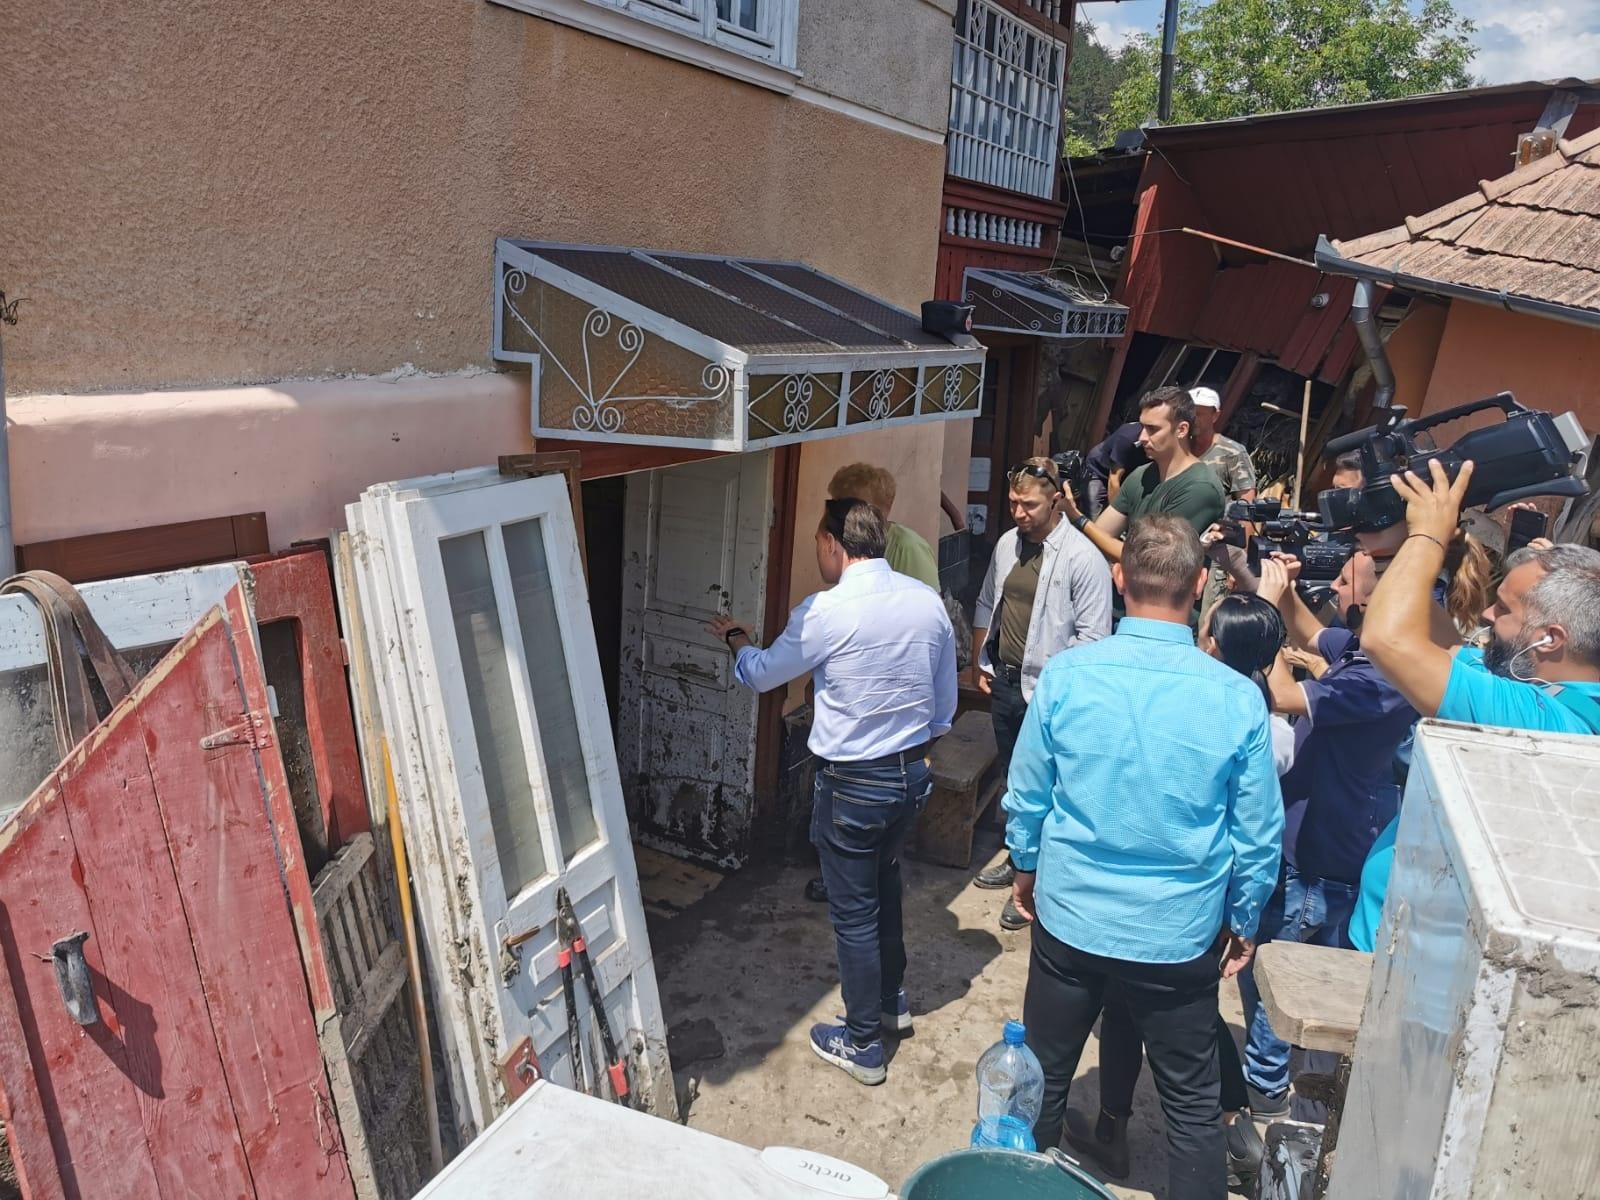 Premierul Cîţu: Vor fi oferite sume fixe de bani celor afectaţi de inundaţiile din Alba